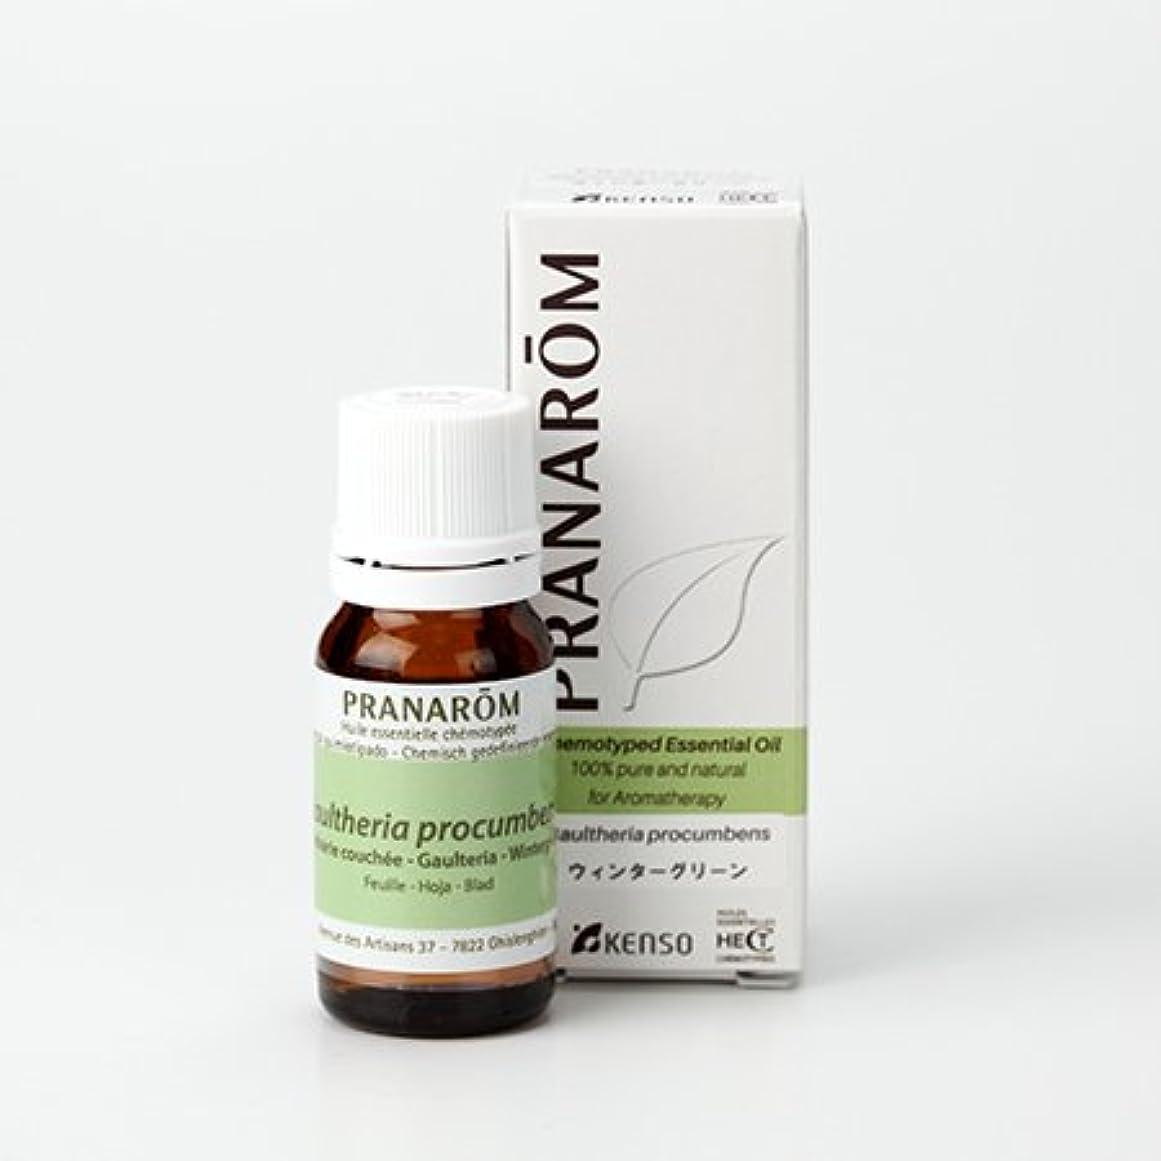 弓神社ブロックするプラナロム ( PRANAROM ) 精油 ウィンターグリーン 10ml p-76